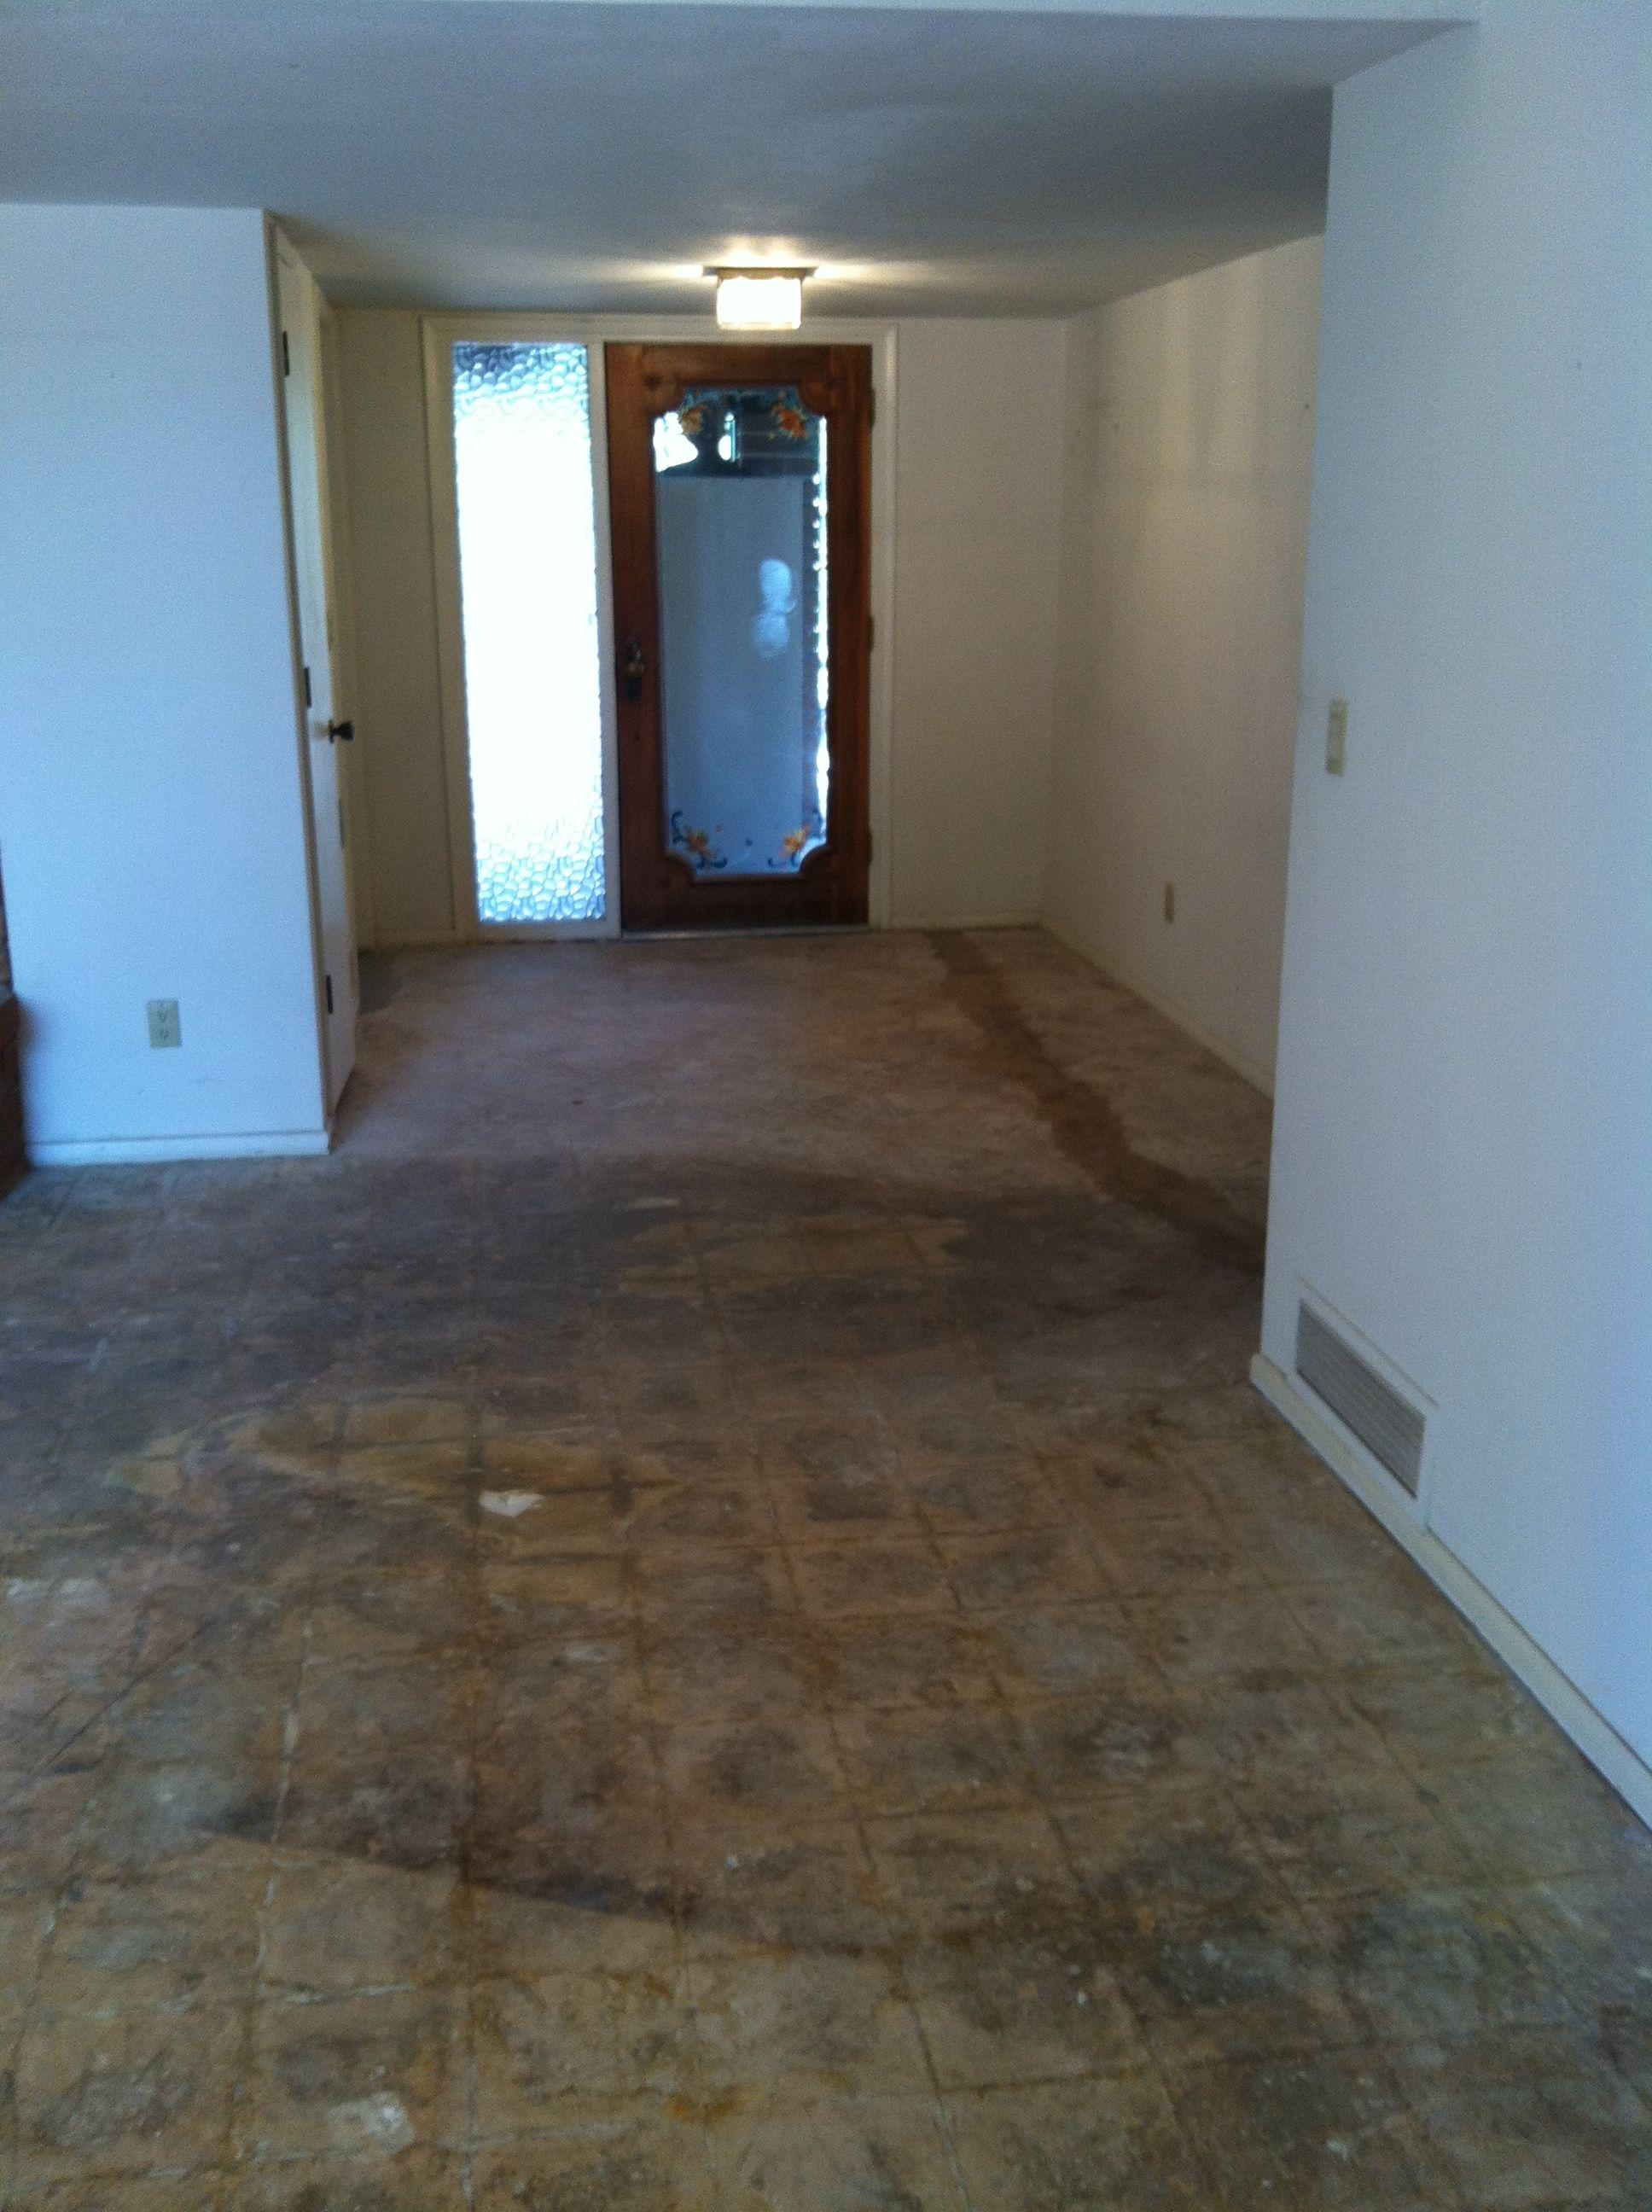 Job 1 Entry Way Floor Entry Way Floors Pinterest Tucson